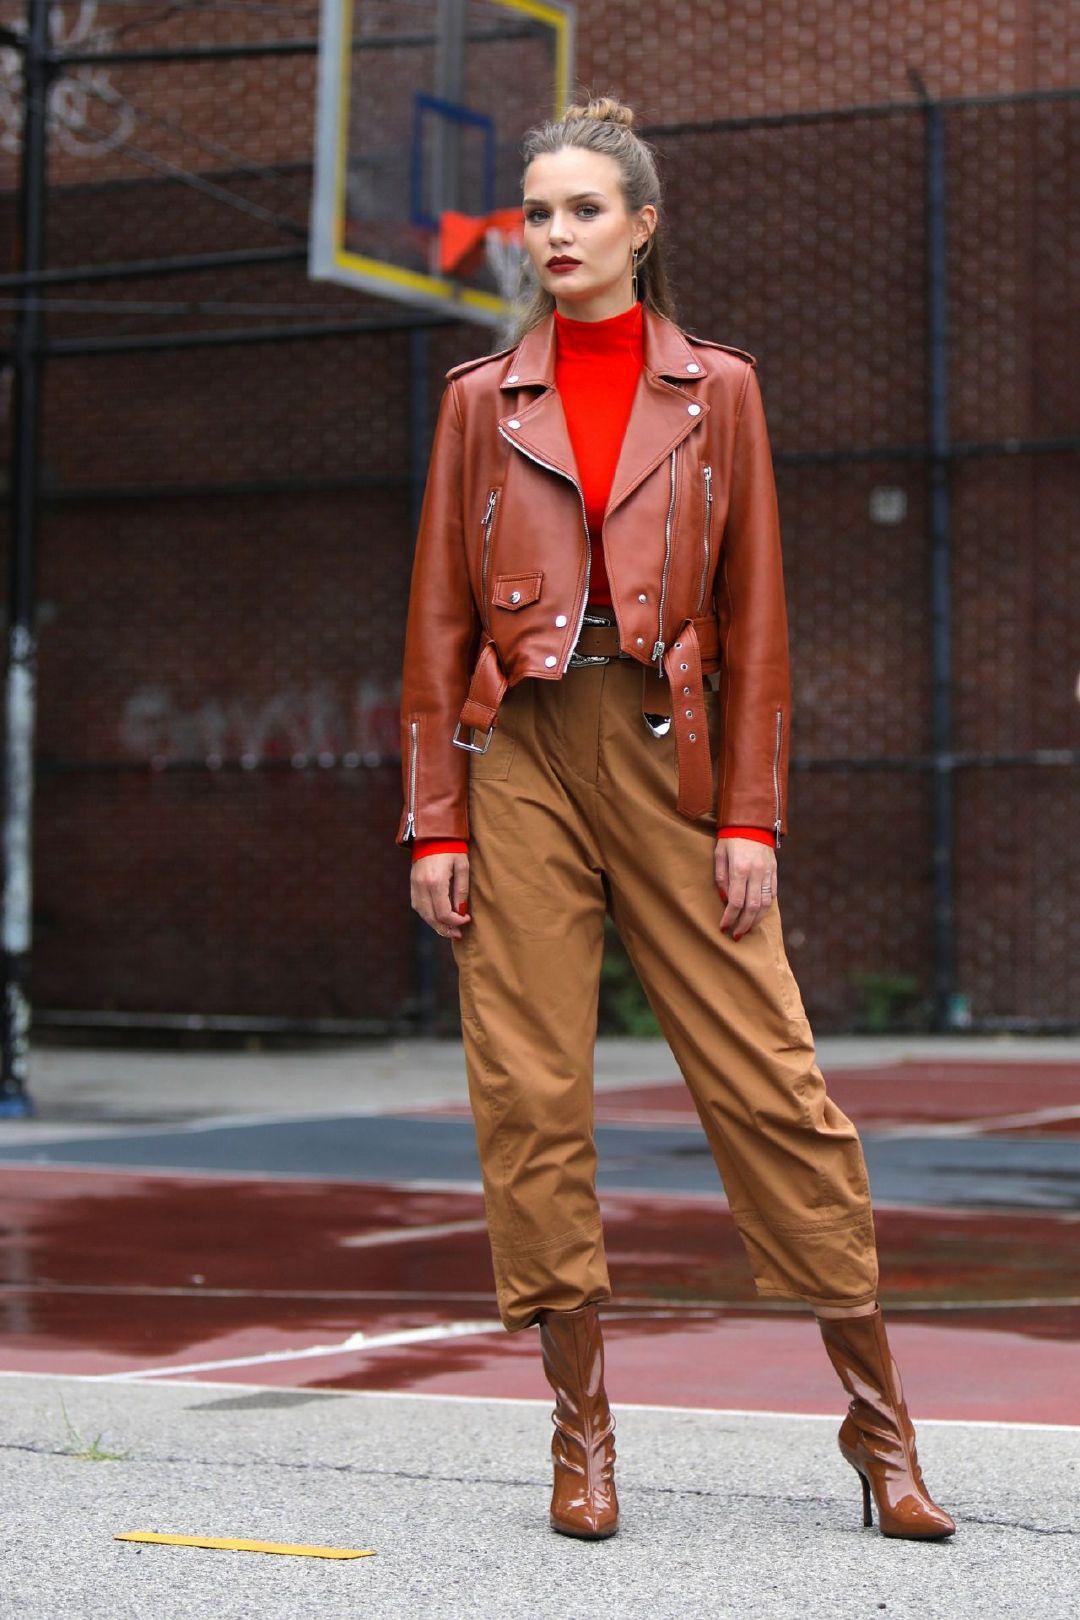 约瑟芬·斯可瑞娃(Josephine Skriver)-纽约市的美宝莲照片 08/13/20